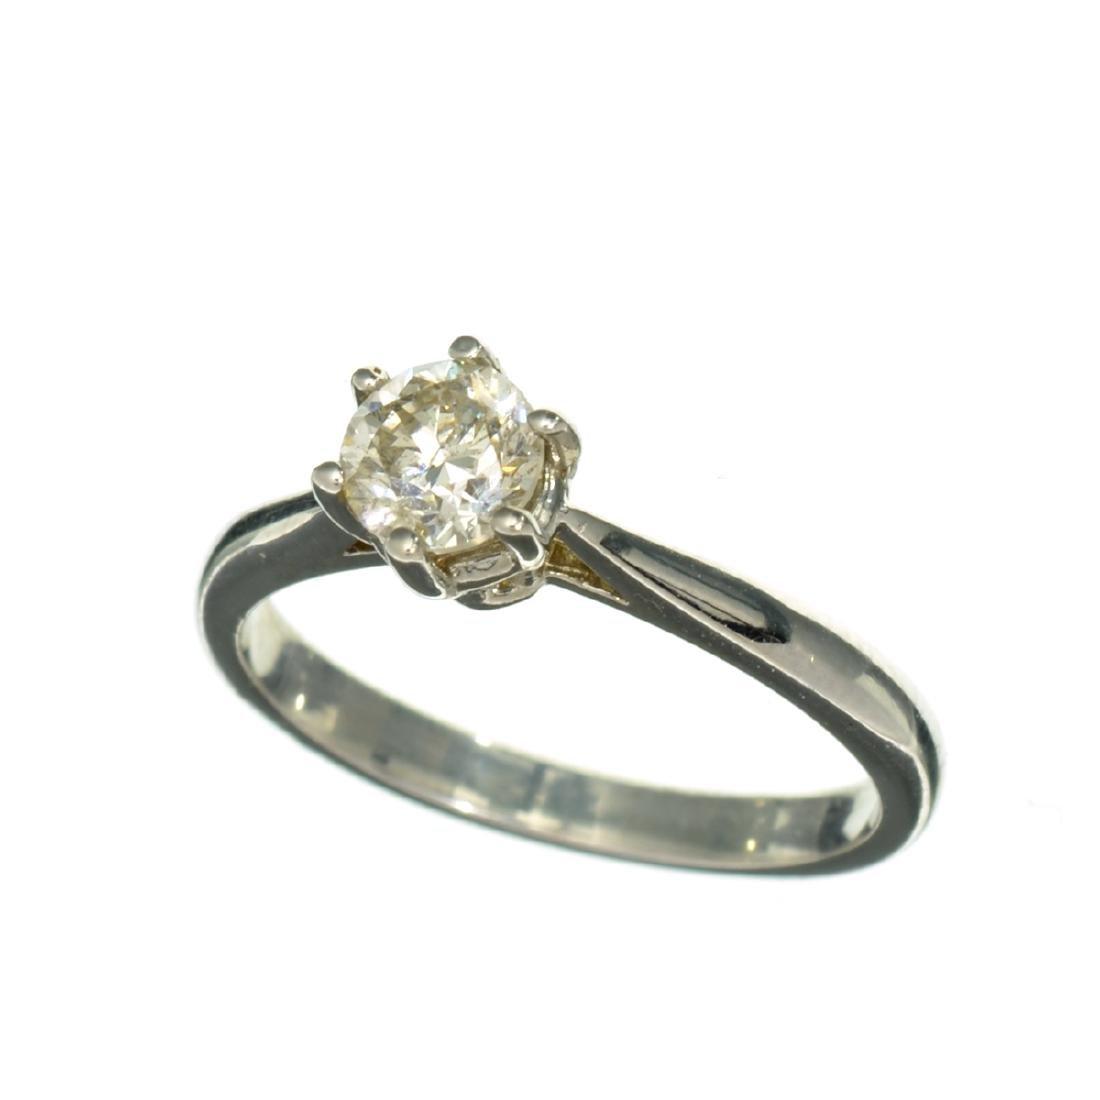 APP: 2k 14 kt. White Gold, 0.51CT Round Cut Diamond